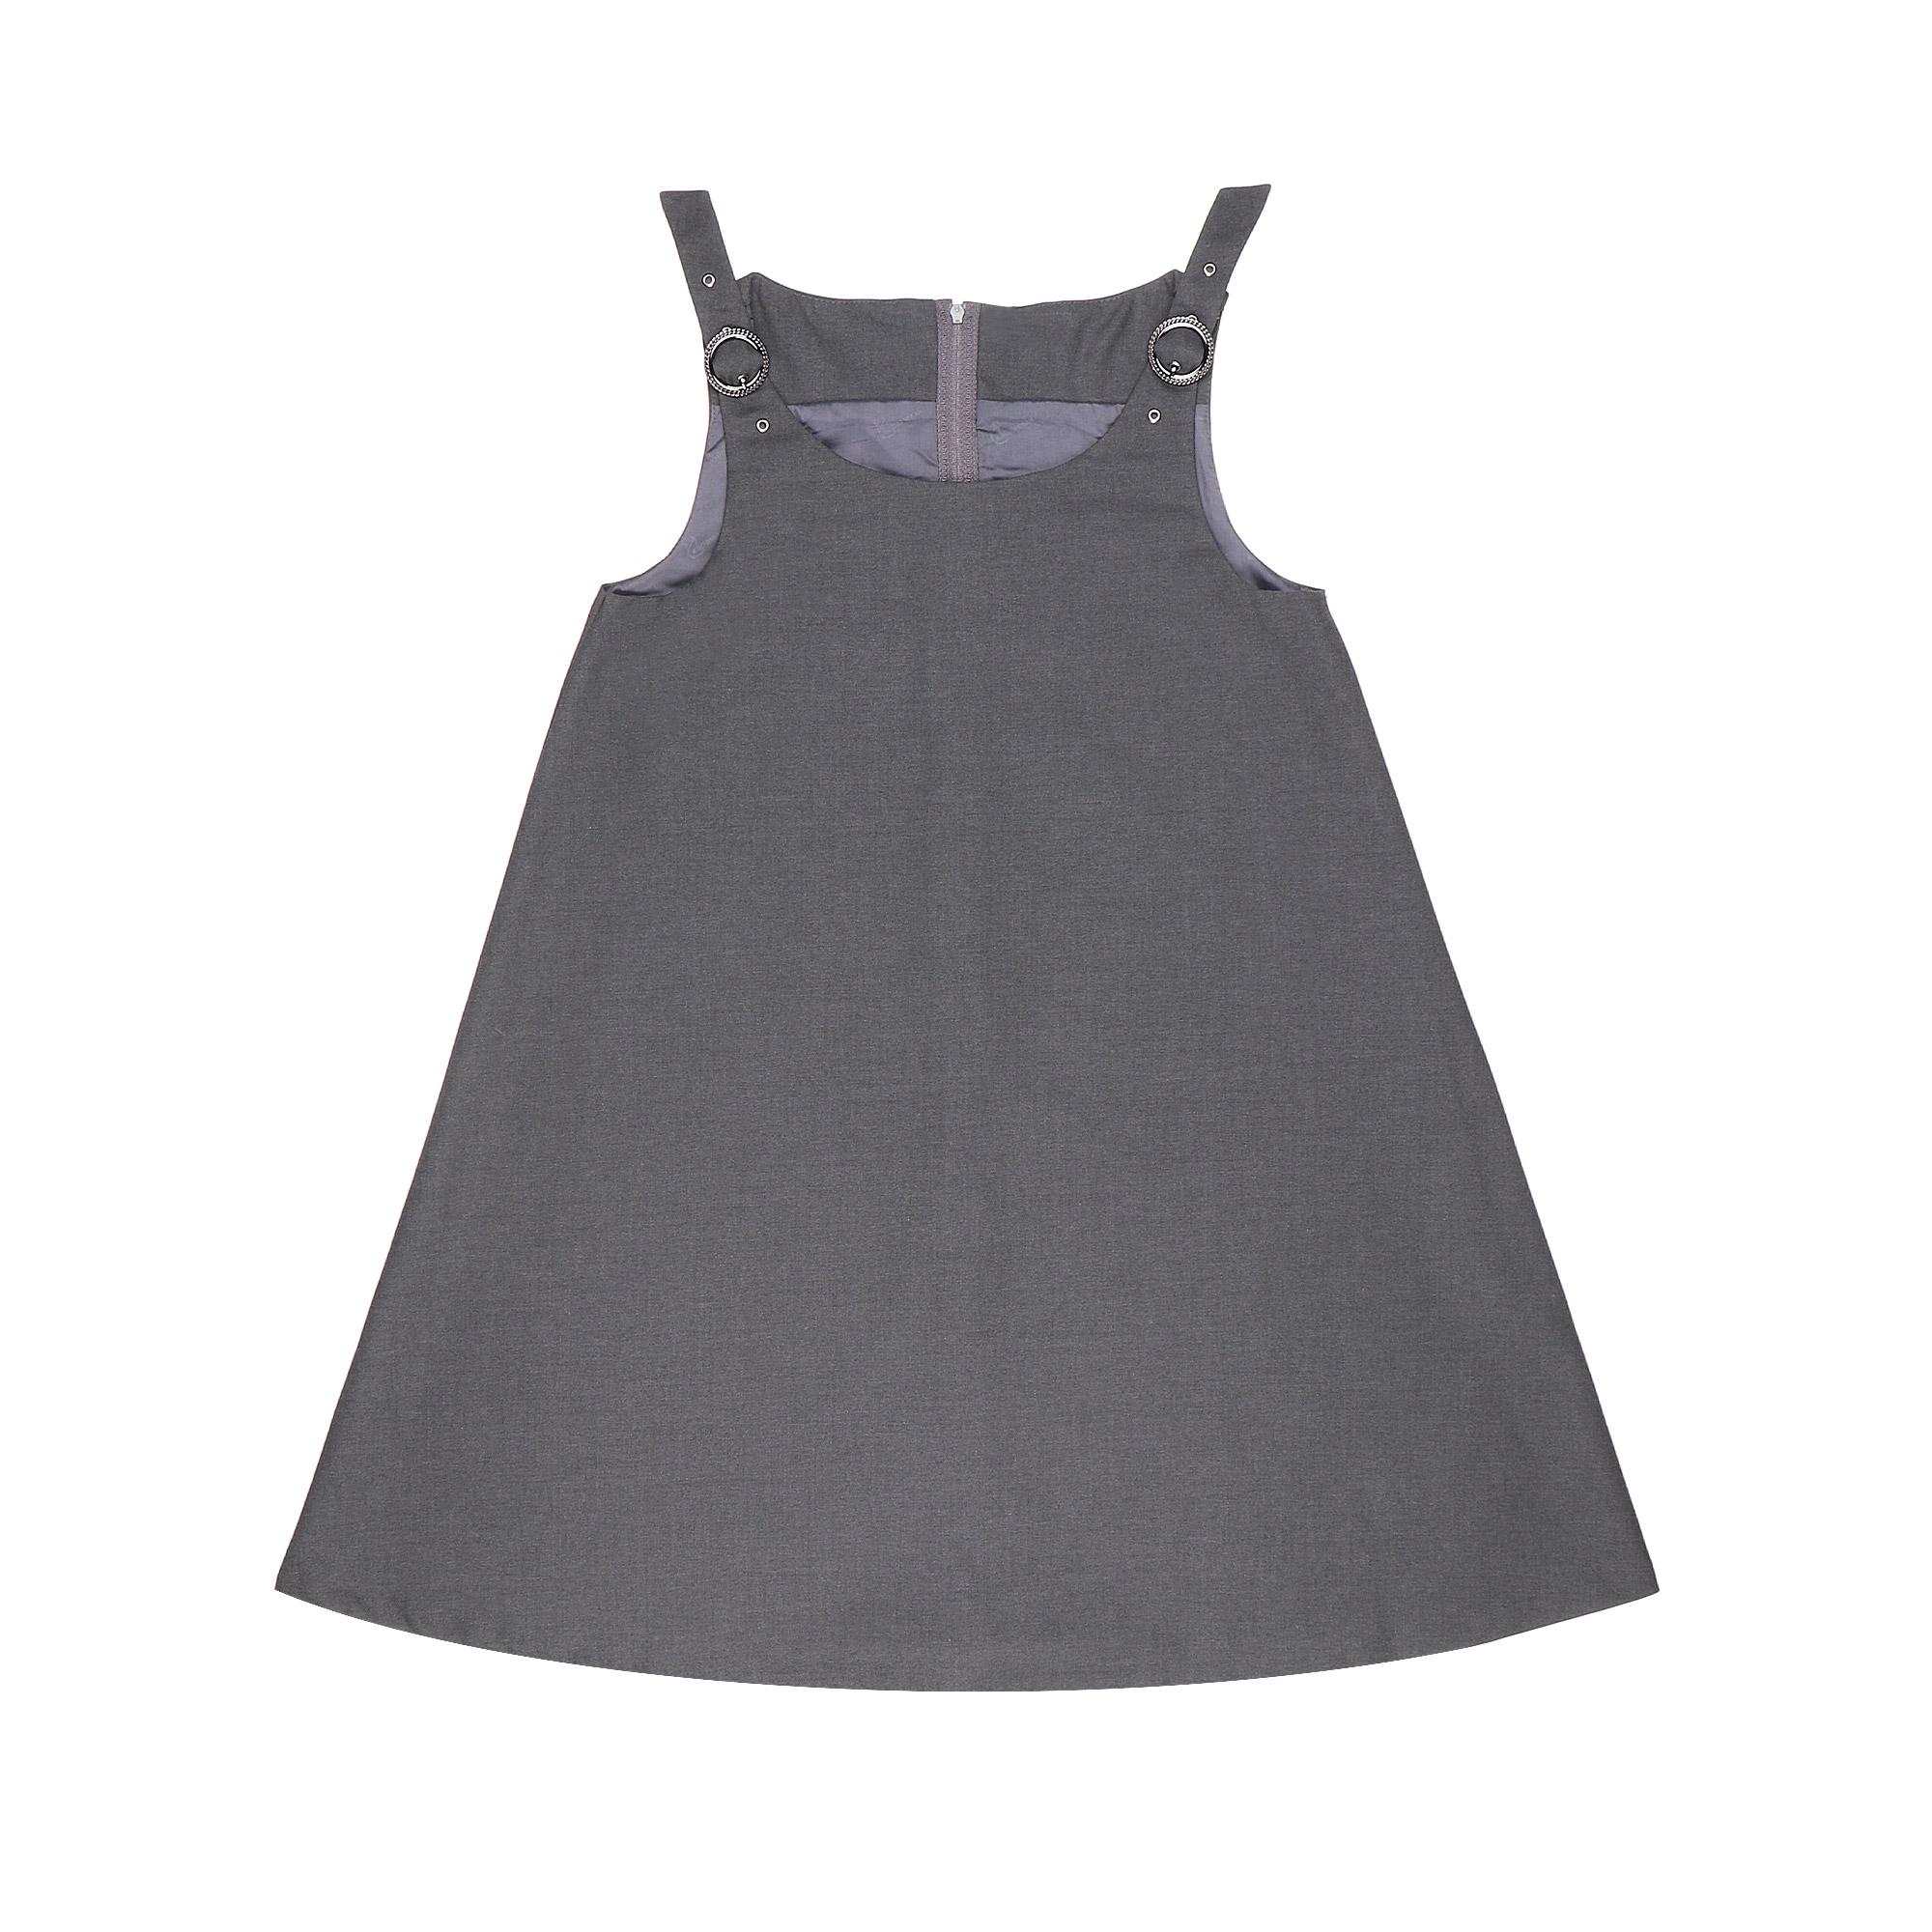 Купить Сарафан школьный КАРАМЕЛЛИ О74177 серый 128, Серый, Для девочек, Всесезонный,